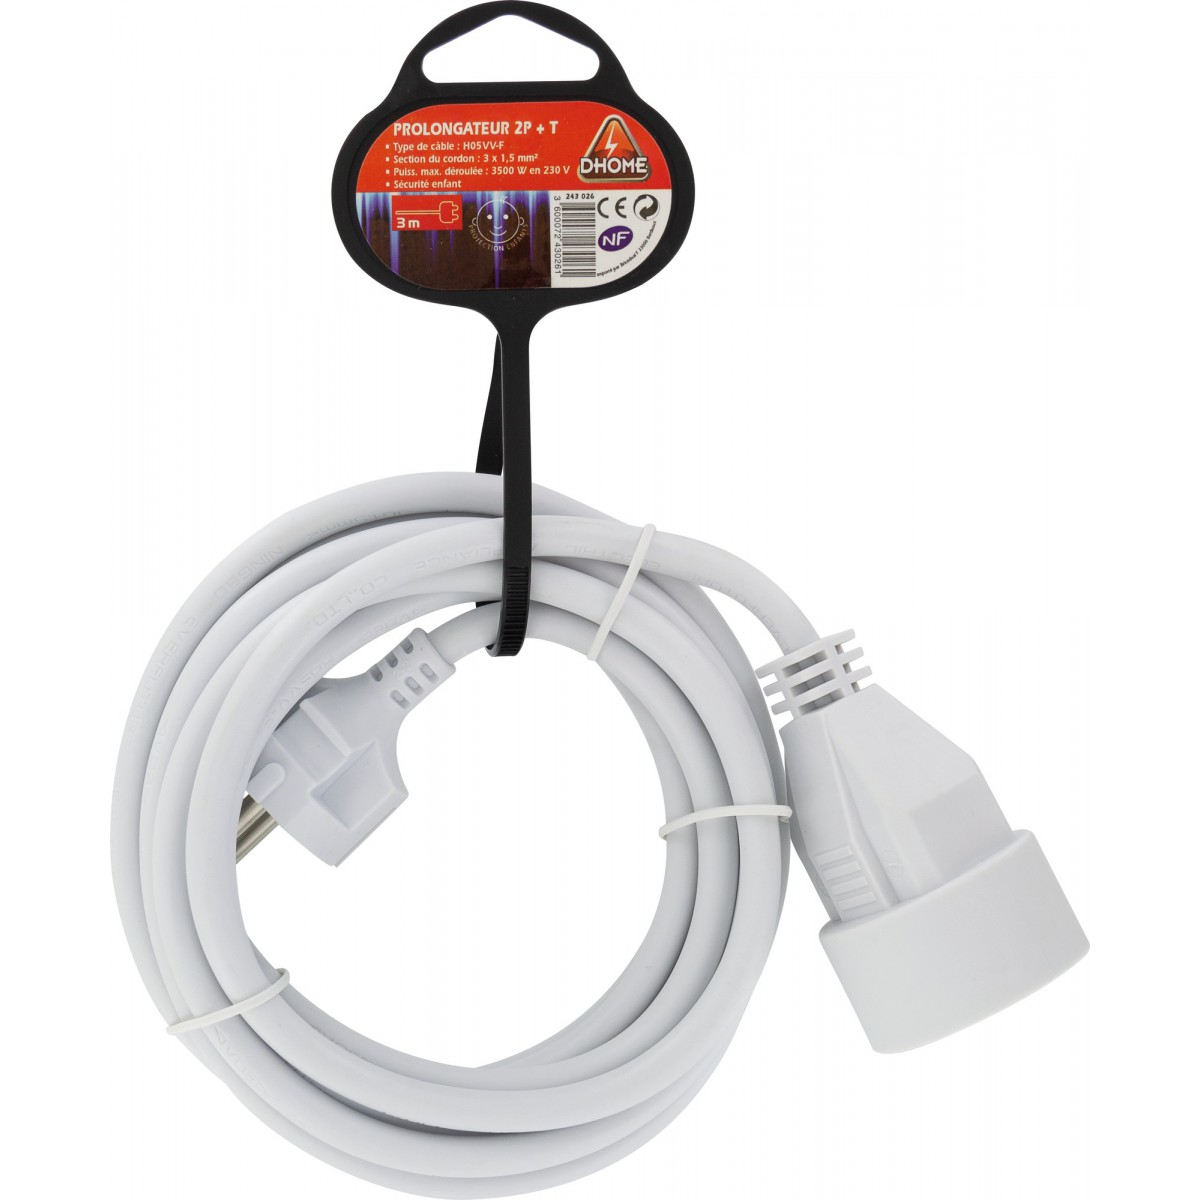 Prolongateur câble souple blanc Dhome - H05 VV-F 3G 1,5 mm² - Longueur 3 m